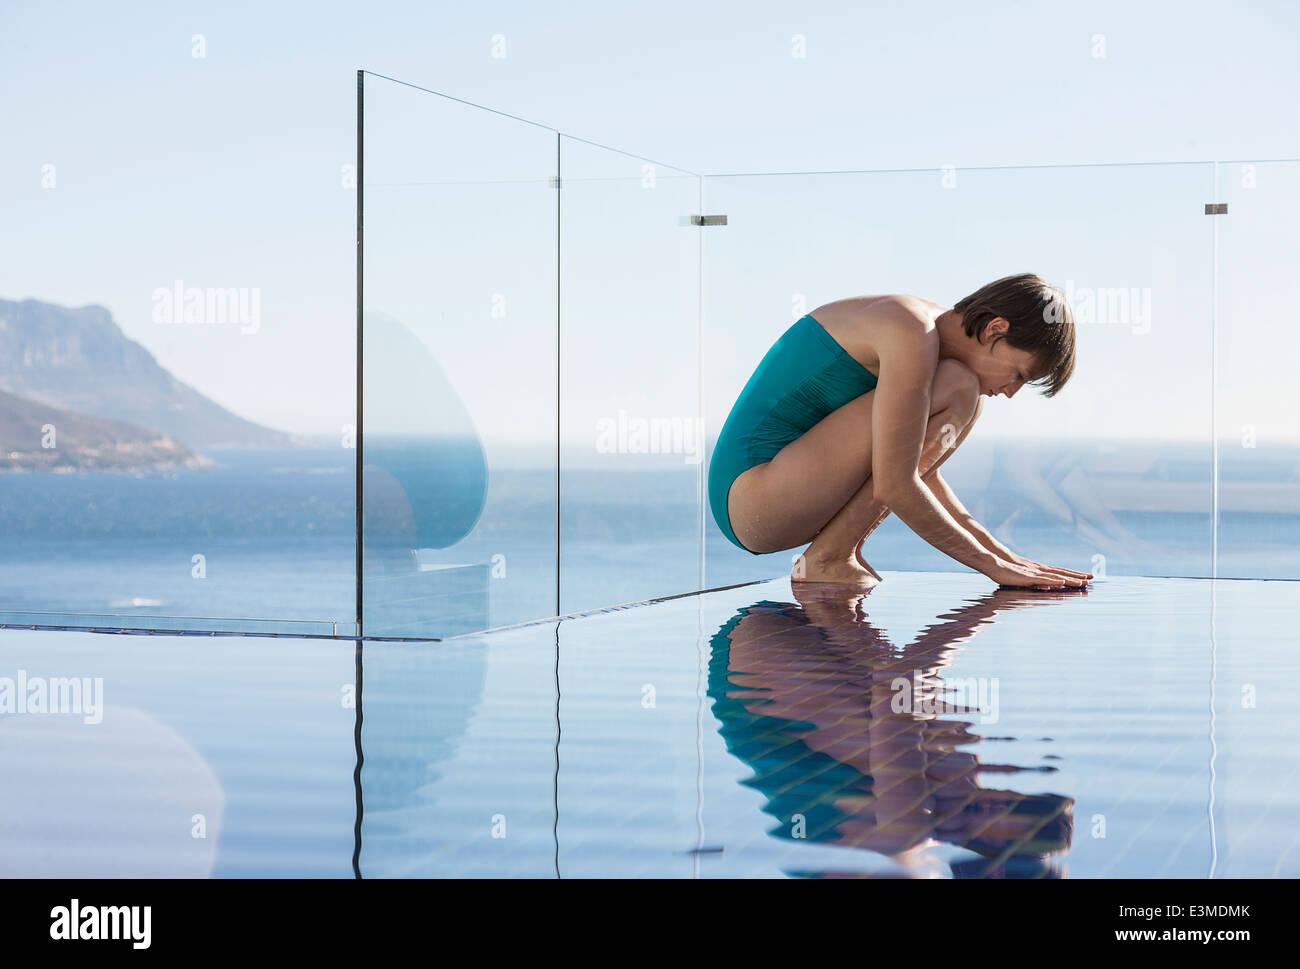 Mujer en cuclillas sobre piscina infinity con vista al mar Imagen De Stock